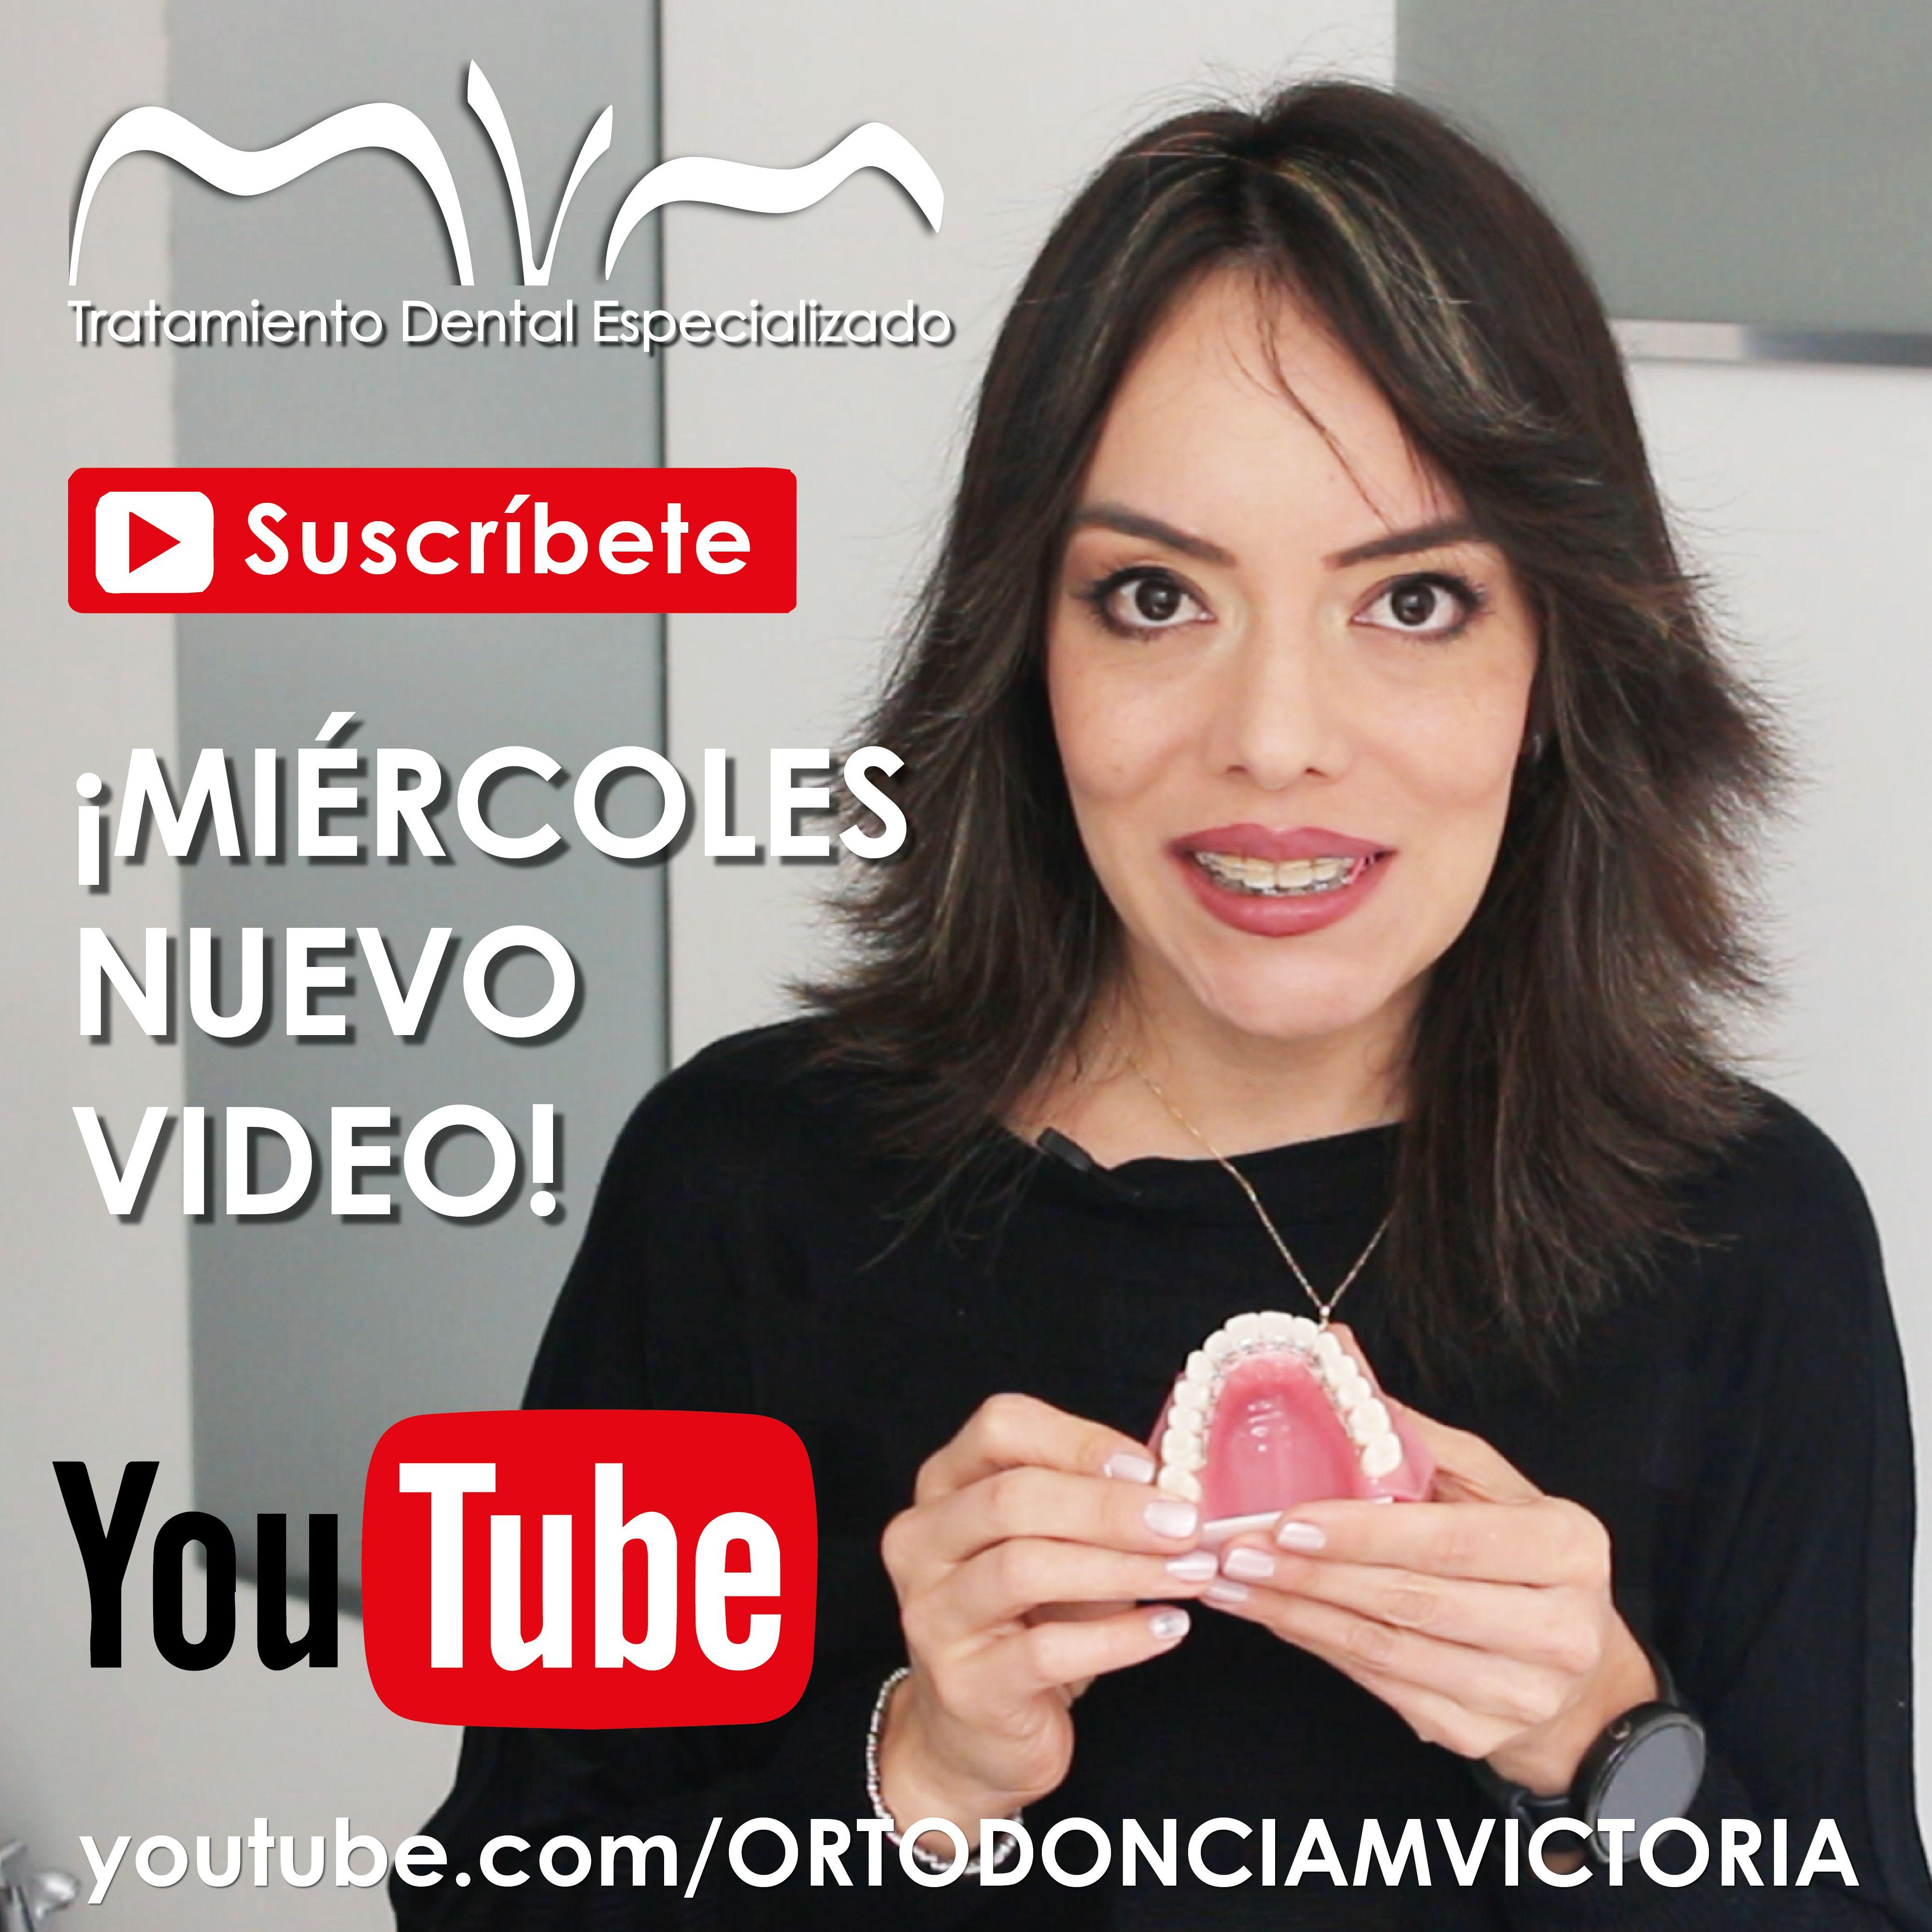 EL MIÉRCOLES ESPERA UN NUEVO VIDEO EN NUESTRO CANAL DE YOUTUBE: ORTODONCIA MVM | SUSCRÍBETE NO TE LO PIERDAS -----> http://www.youtube.com/ORTODONCIAMVICTORIA Consúltanos tus dudas. www.ortodonciamvm.com Consultas: 8053784 - 6363236 Móvil 313 395 99 97 WhatsApp 321 4595296 Bogotá-Colombia